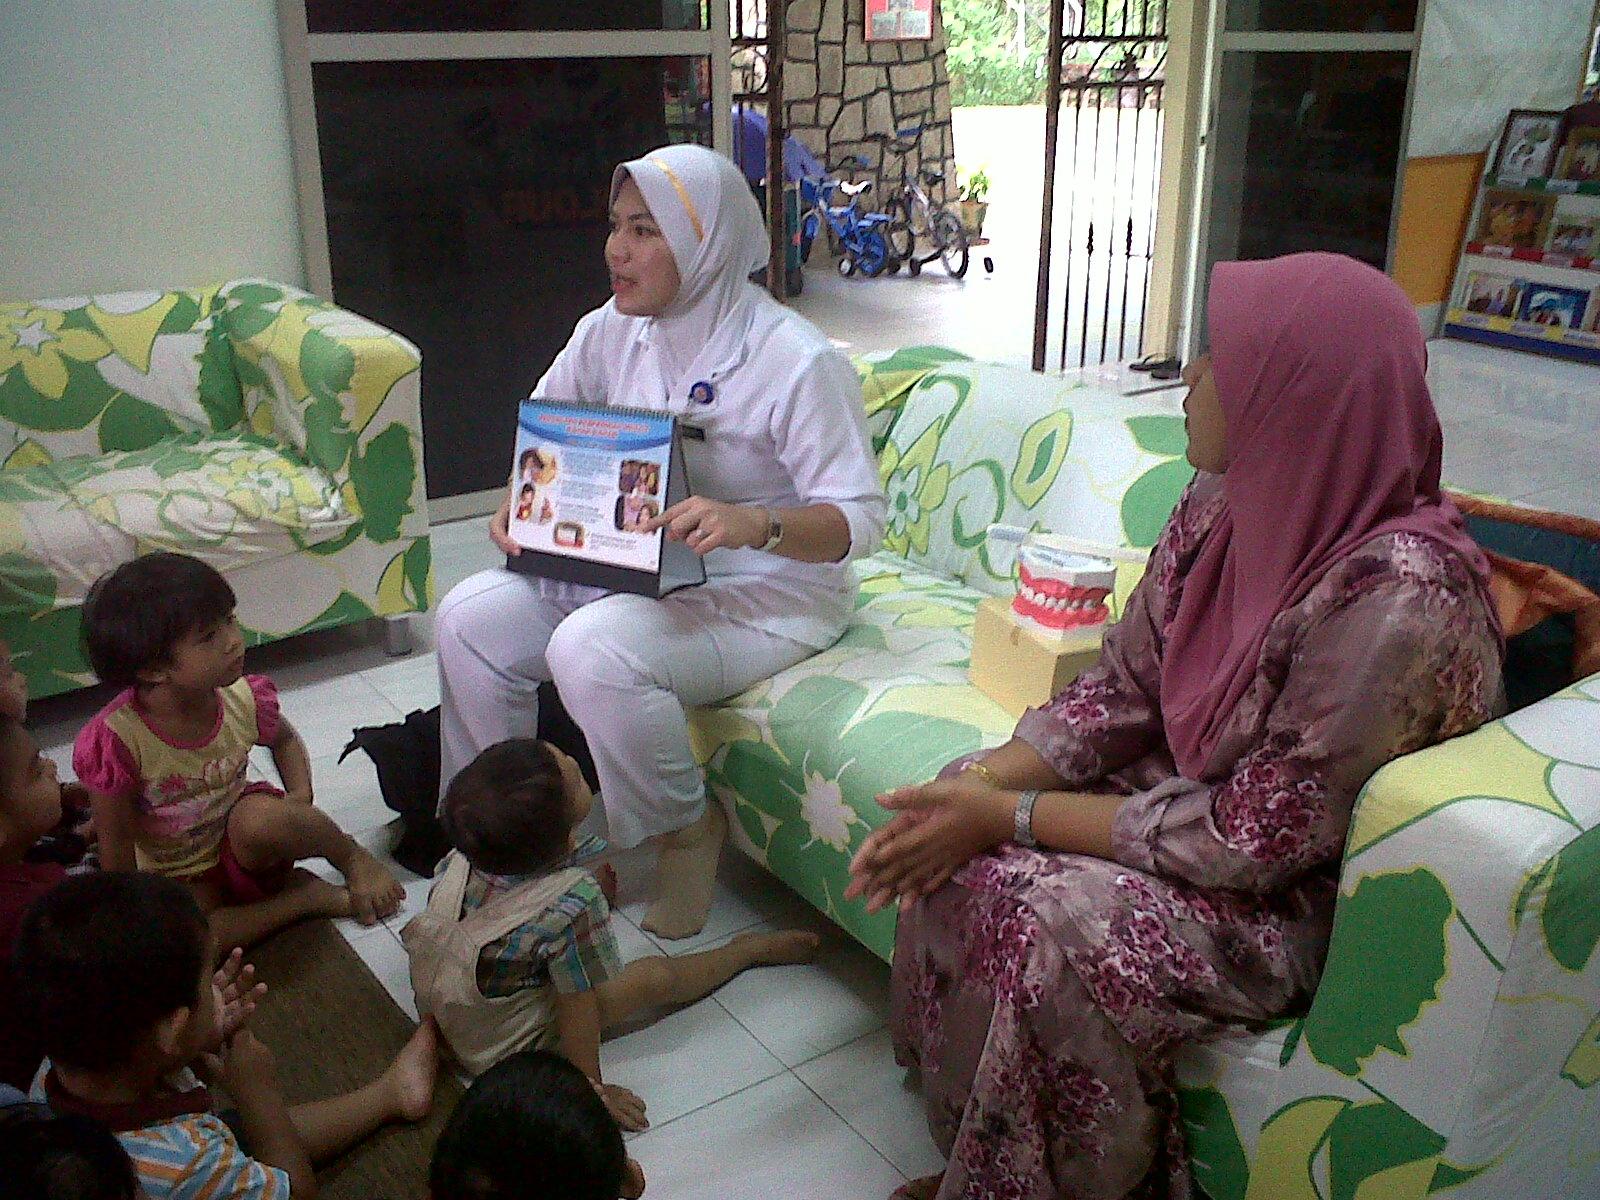 Pusat Anak Permata Negara Papn Bukit Peringgit Melaka Lawatan Dari